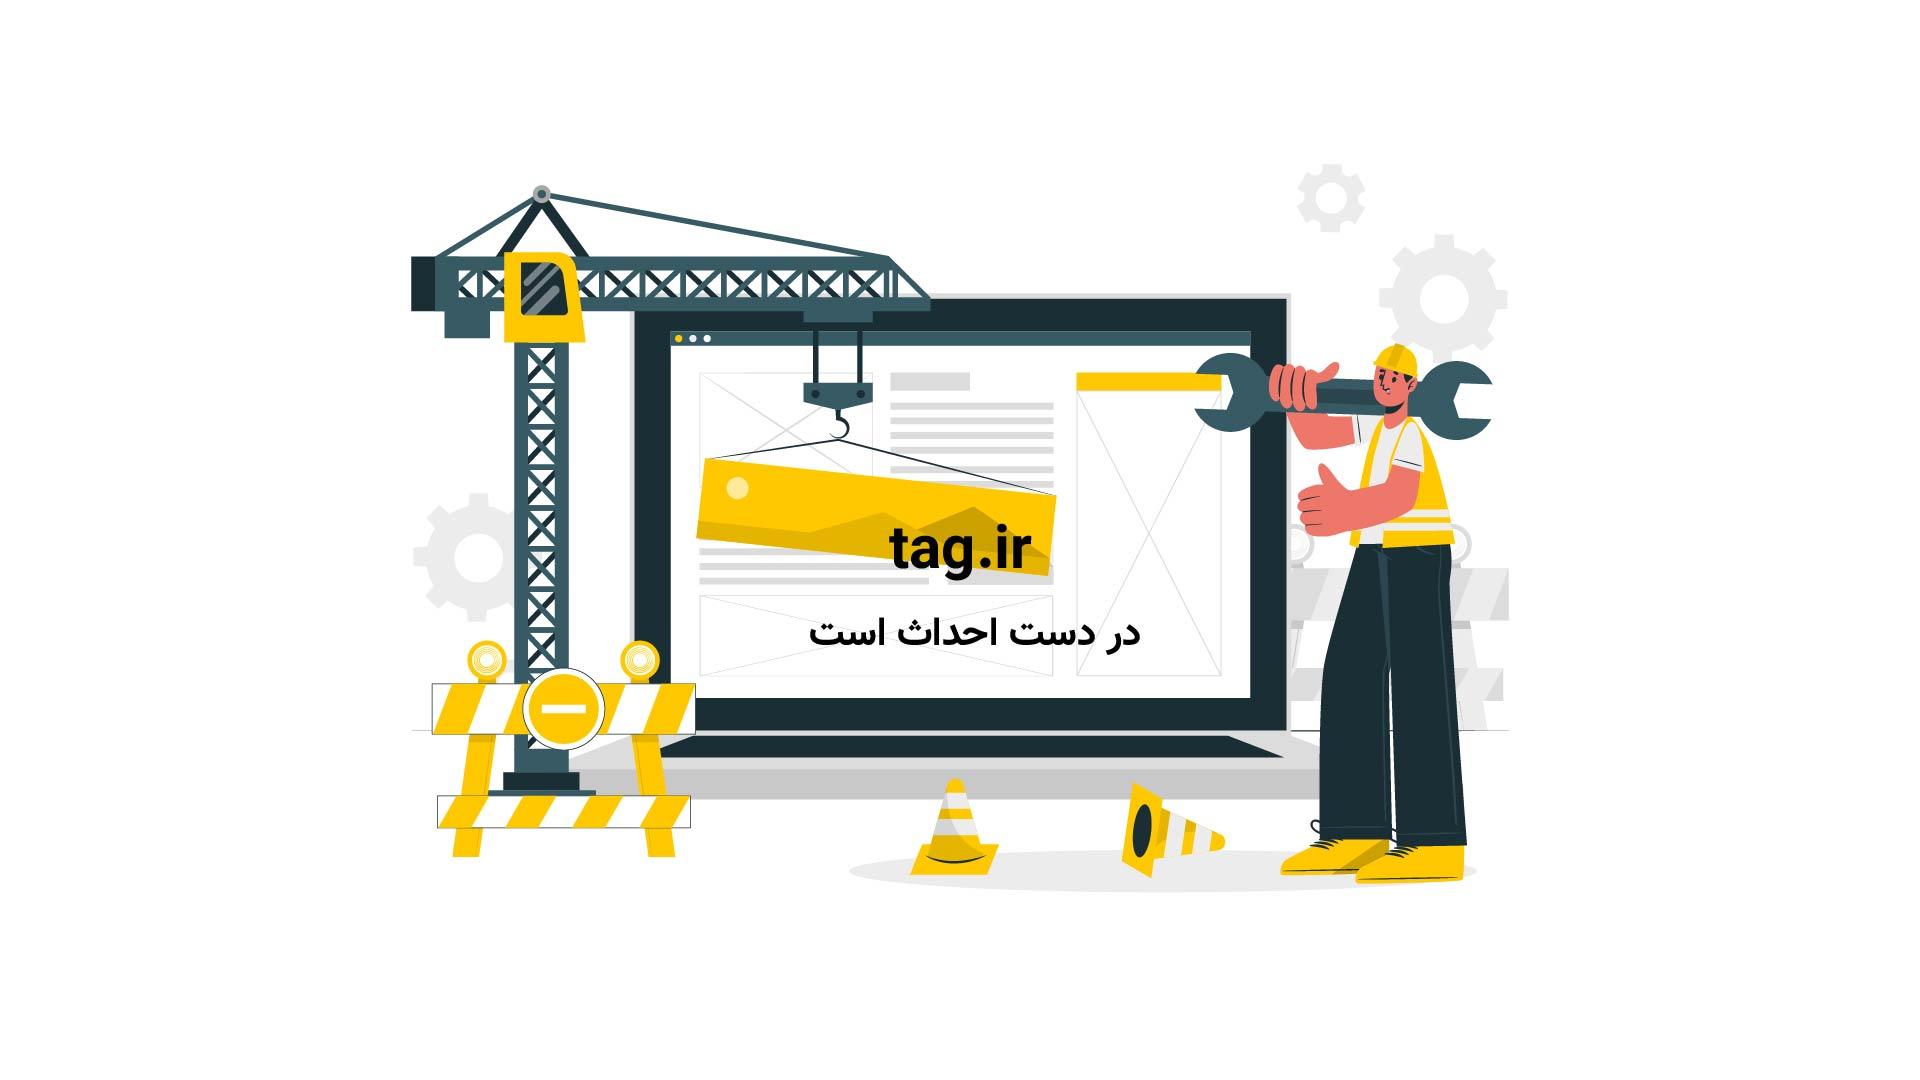 خلق دستگاهی با قابلیت همدردی از طریق واقعیت مجازی  | فیلم